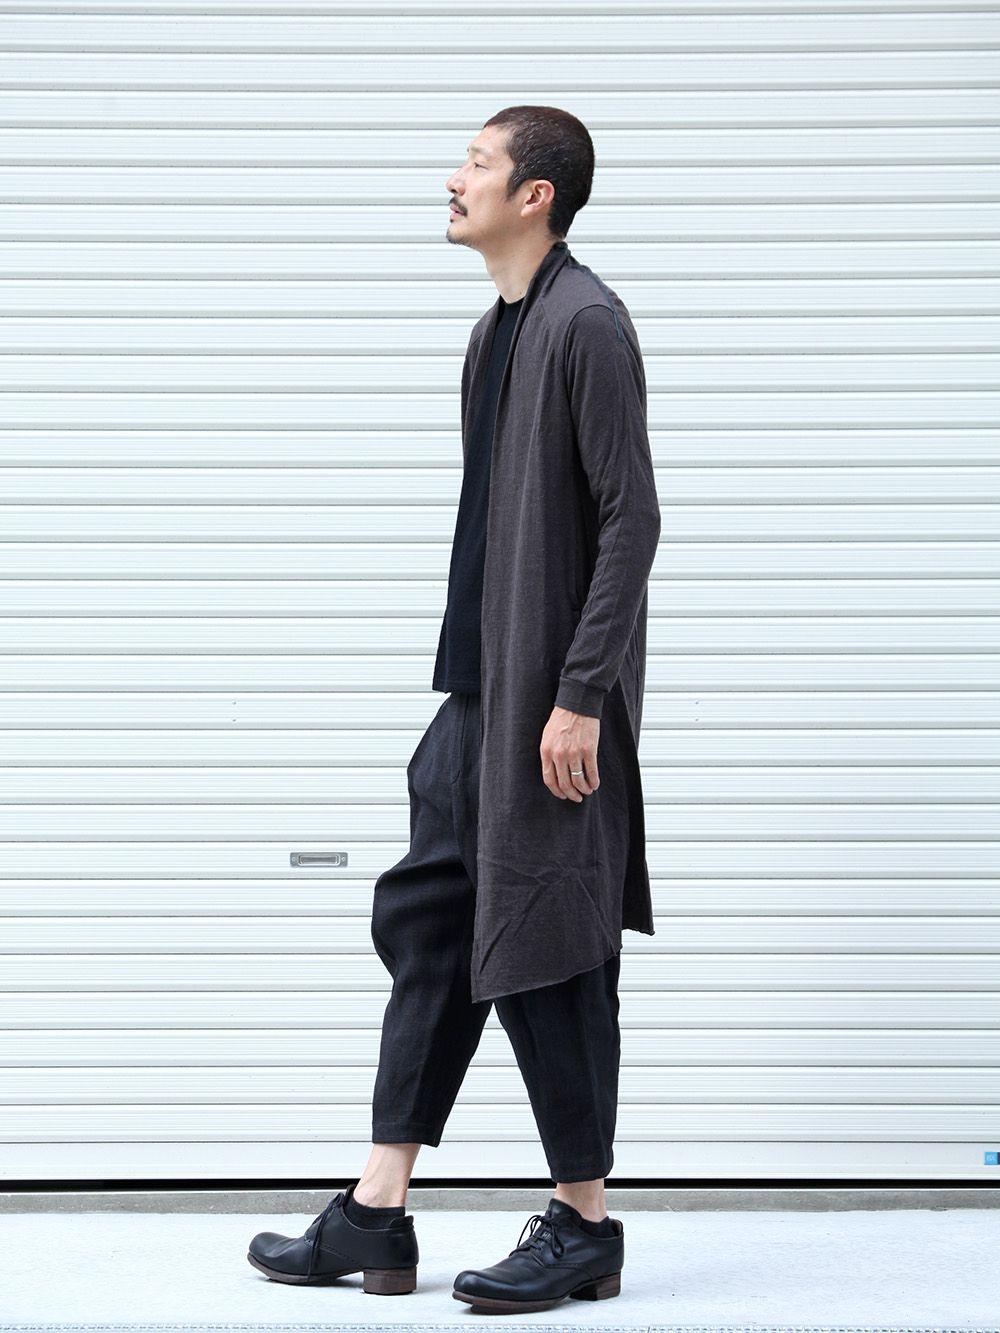 DEVOA 19-20AW wool x alpaca jersey Cardigan Style - 1-002